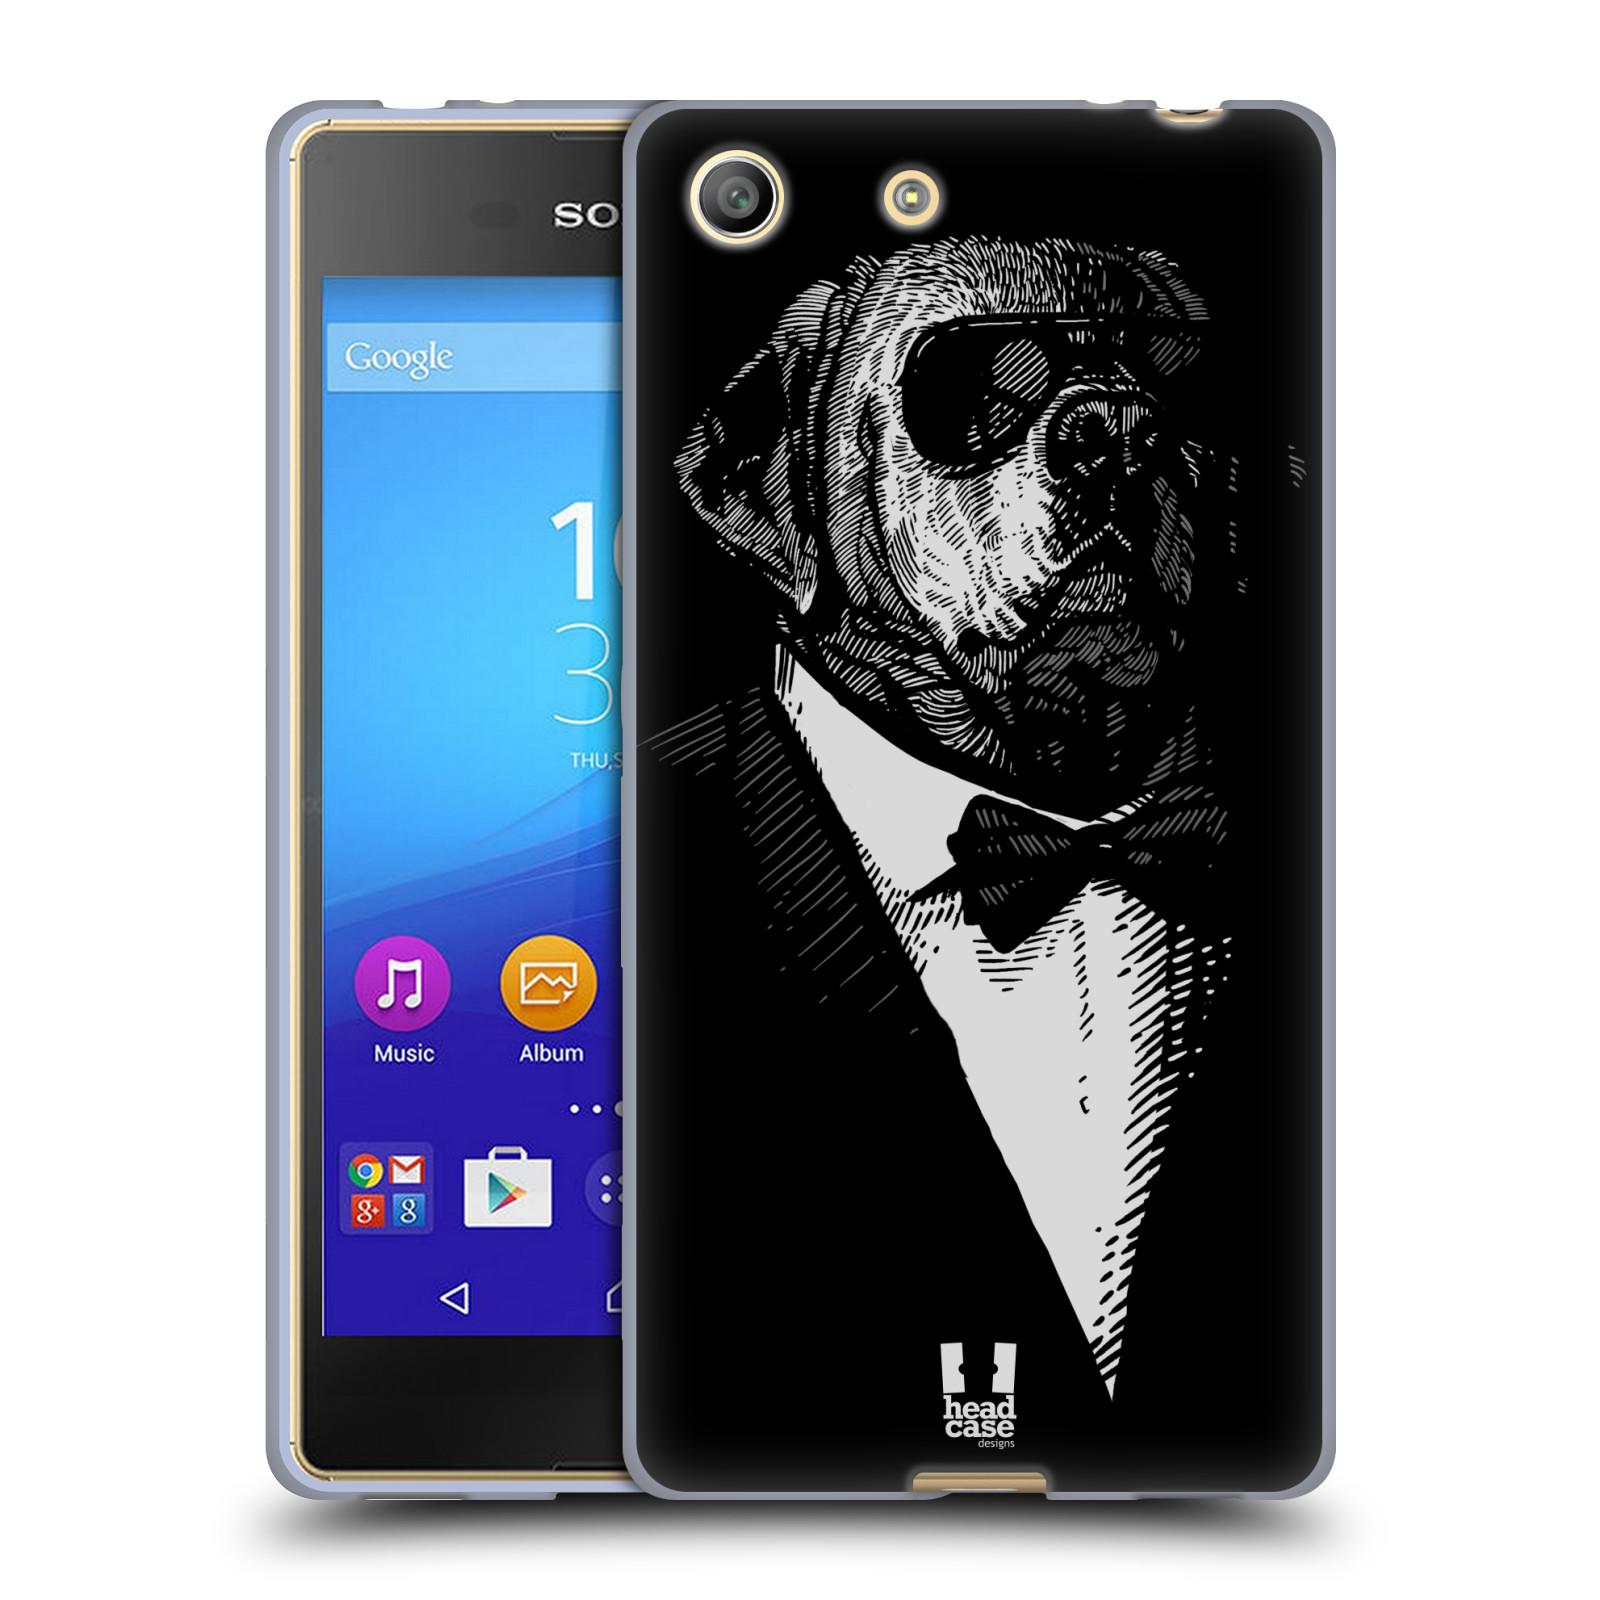 Silikonové pouzdro na mobil Sony Xperia M5 HEAD CASE PSISKO V KVÁDRU (Silikonový kryt či obal na mobilní telefon Sony Xperia M5 Dual SIM / Aqua)